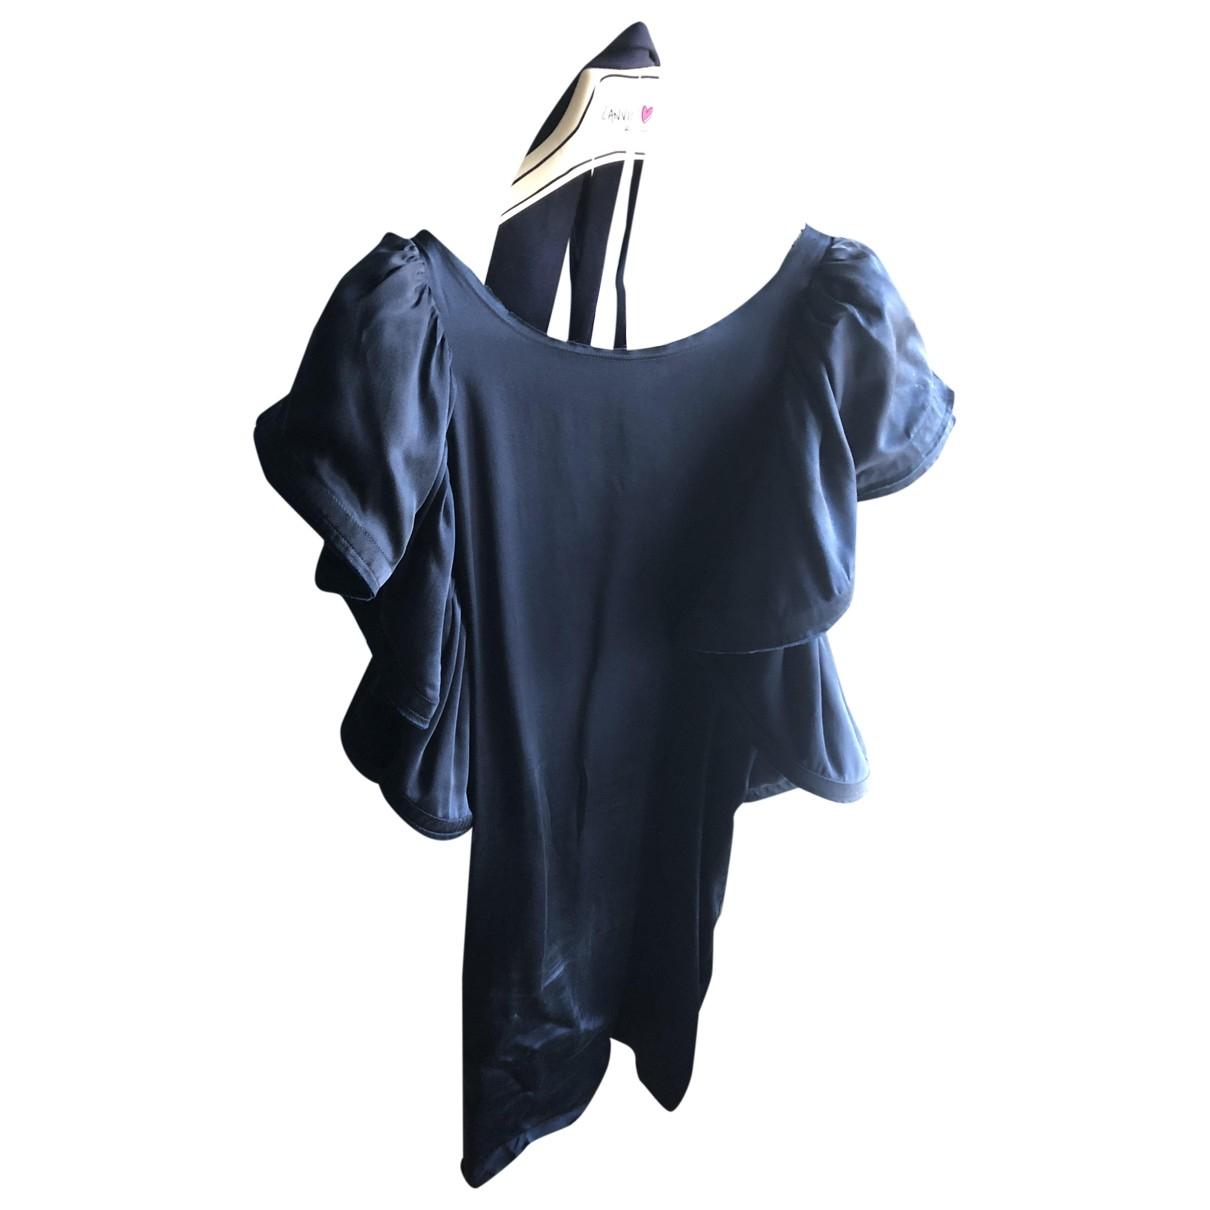 Lanvin For H&m \N Blue Silk dress for Women S International